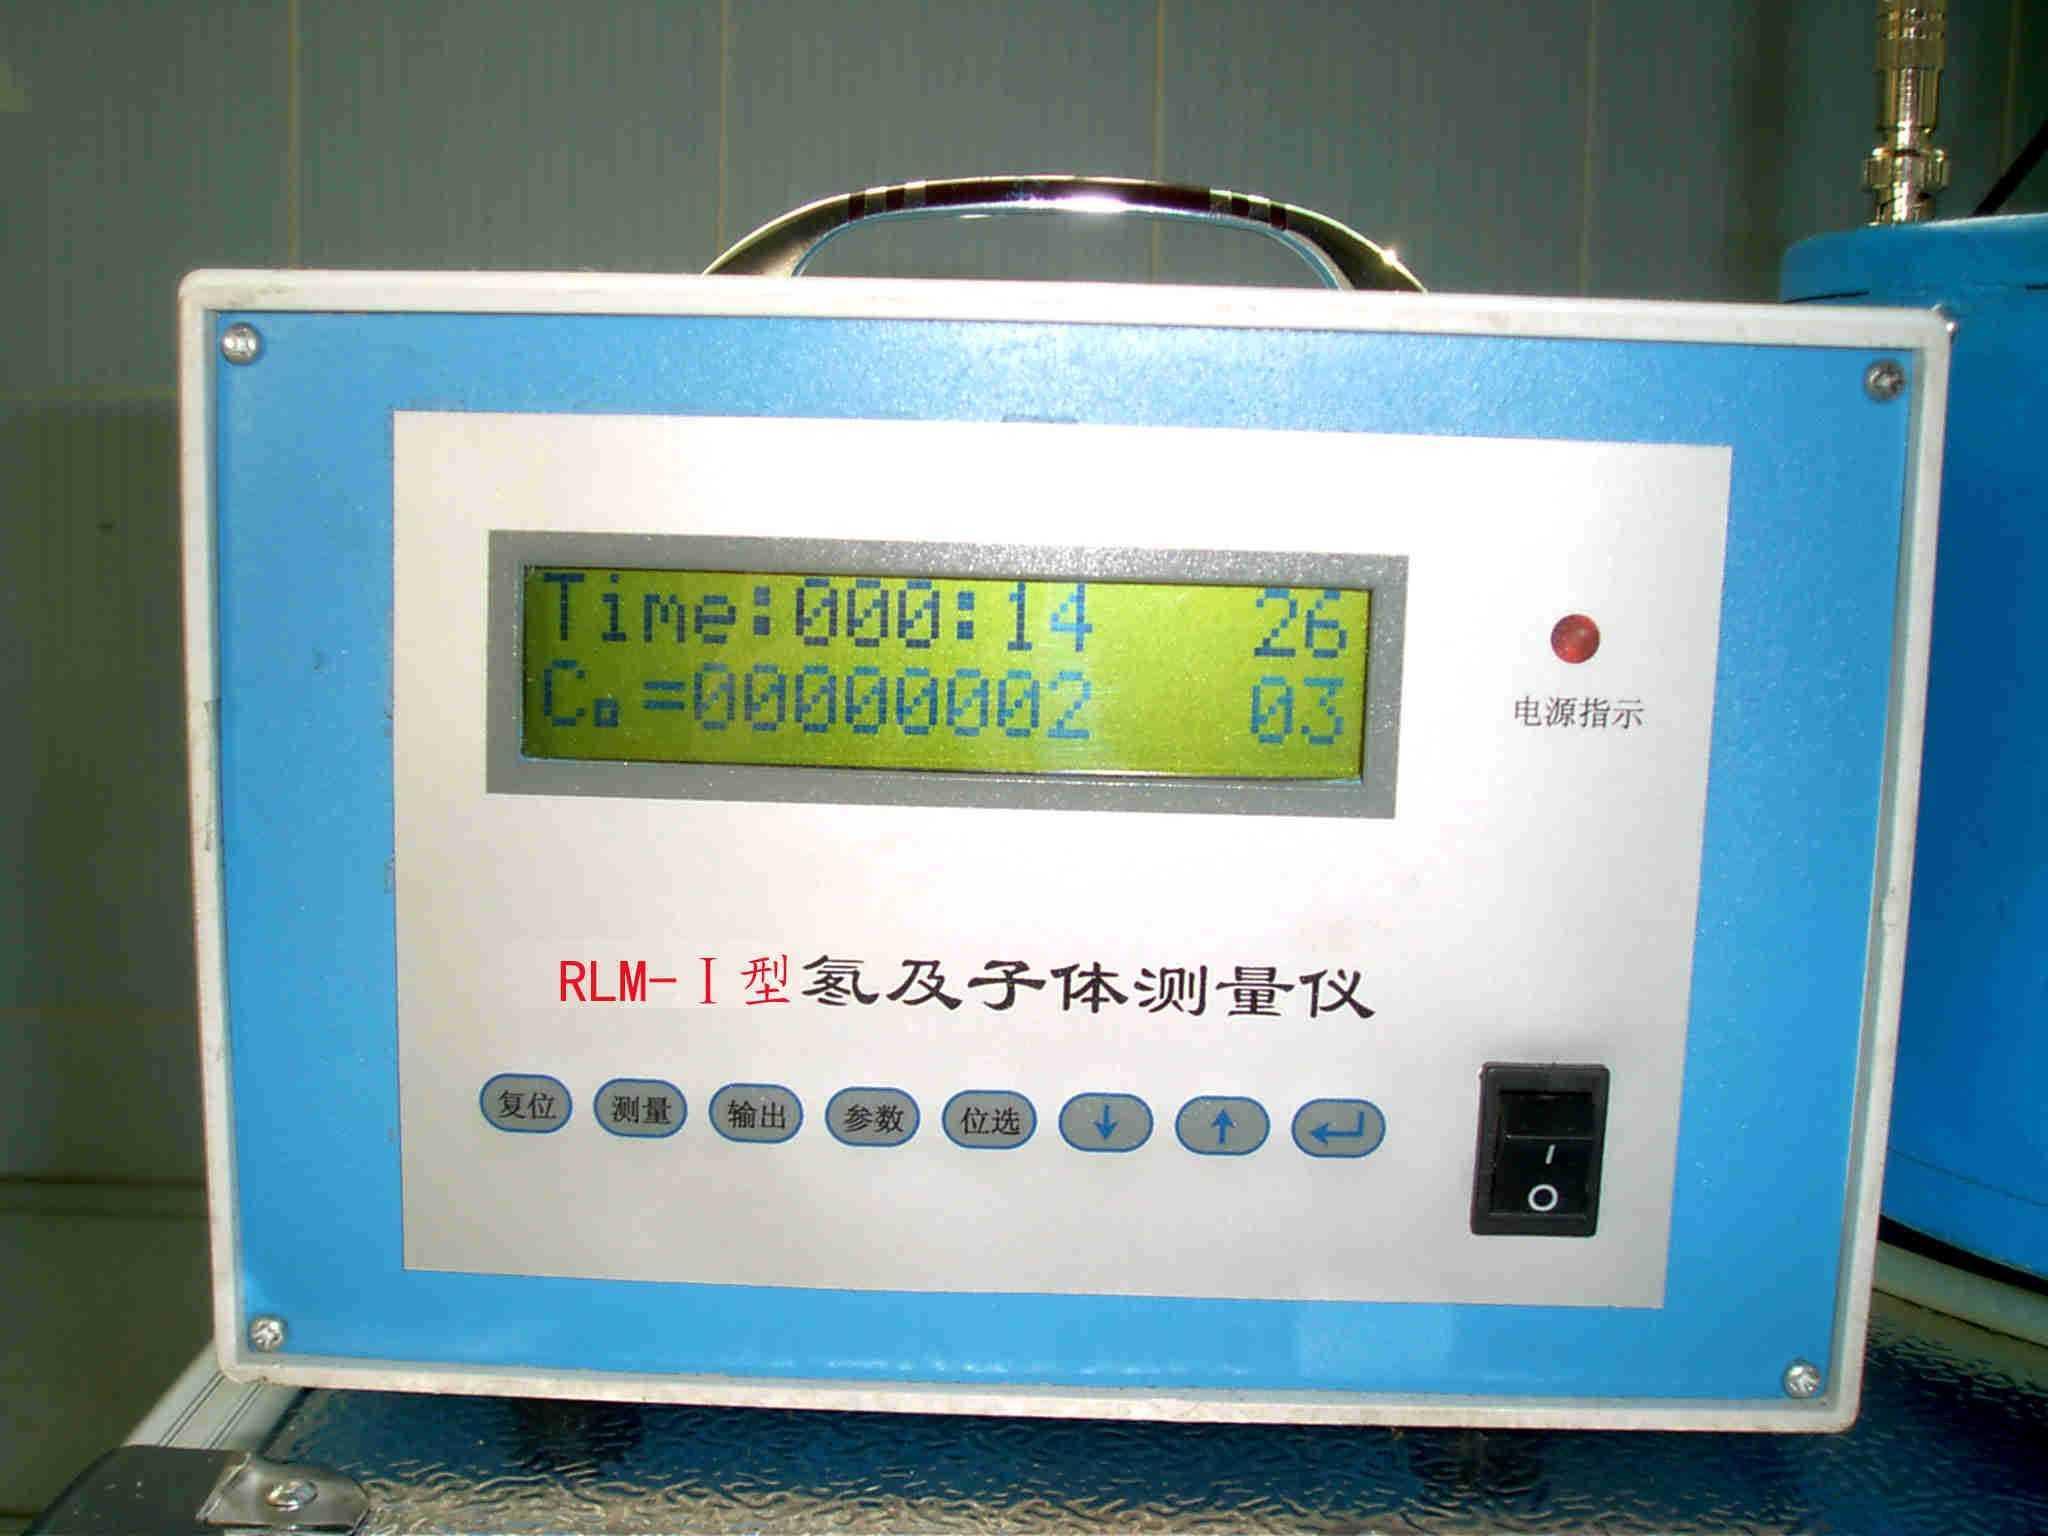 RLM-I 型氡及子体测量仪